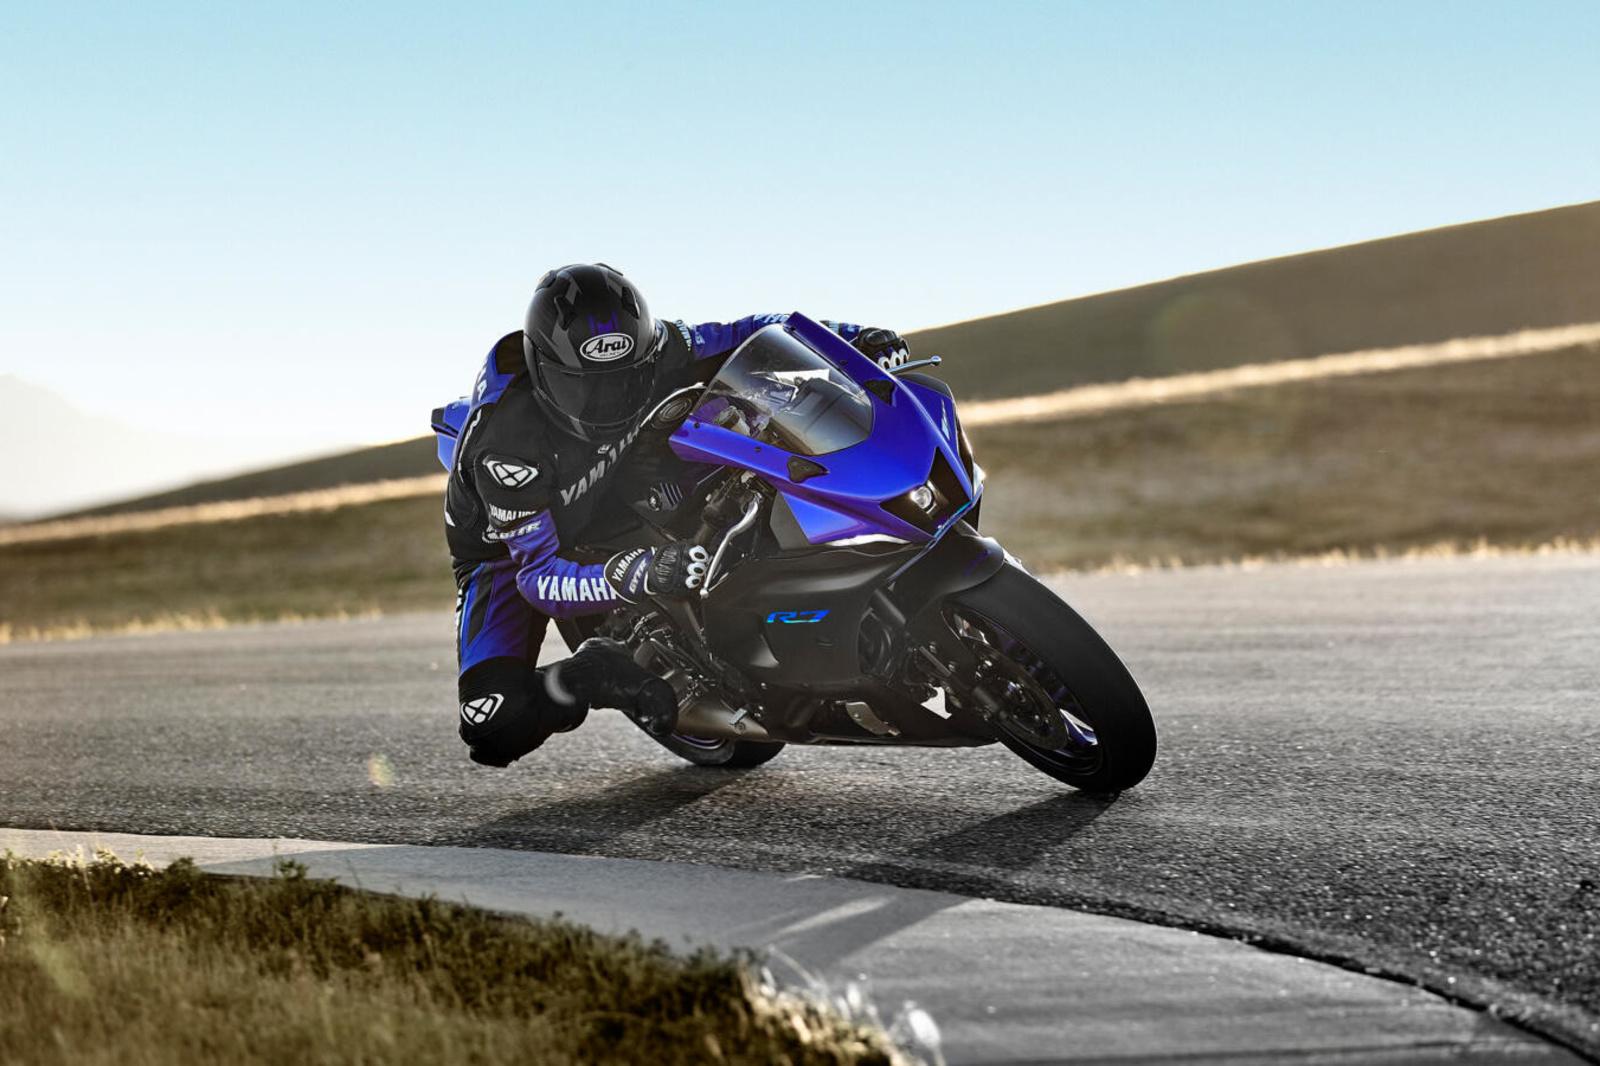 La Yamaha offre la possibilité de se plonger dans le monde des motos sportives à moindre frais., GF